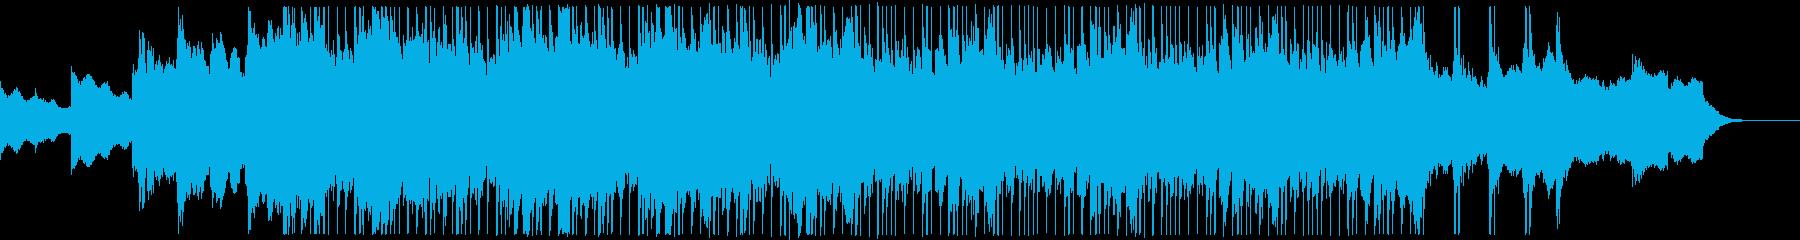 カノン風の落ち着いたジングルの再生済みの波形